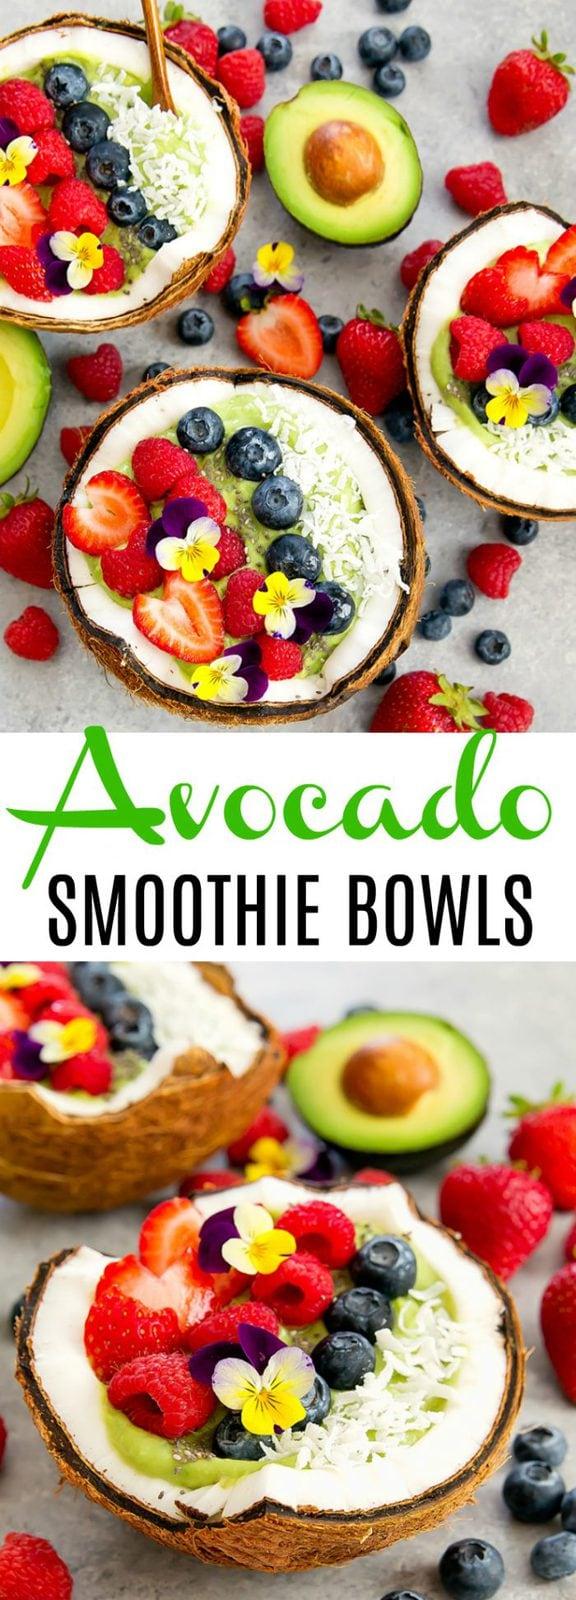 Avocado Coconut Smoothie Bowls